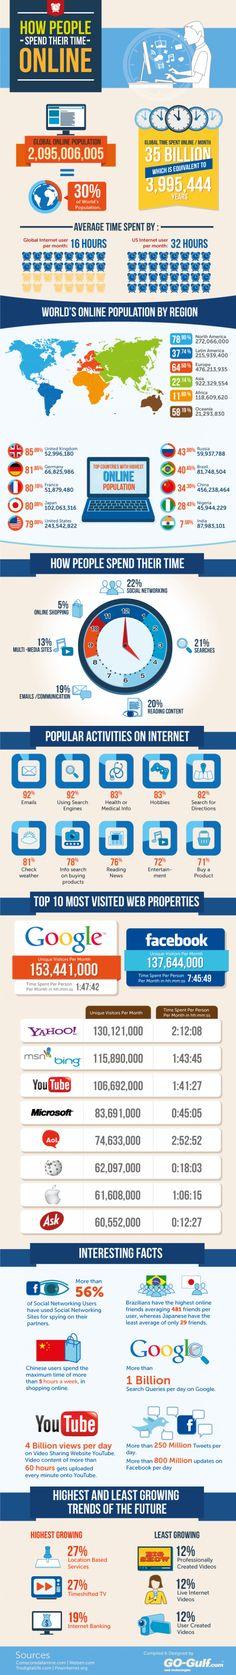 전체 인터넷 사용 인구 20억 세계인구의 30%에 불과, 아시아는 22%정도. 이중 일본은 80%가 온라인 사용자, UV 1위 구글1억5천, 2위 페북 1억3천7백, 3위 야후 1억3천, 체류시간은 7분인 페북 승리, 그래도 야후가 체류시간 2위 그래봤자 2분